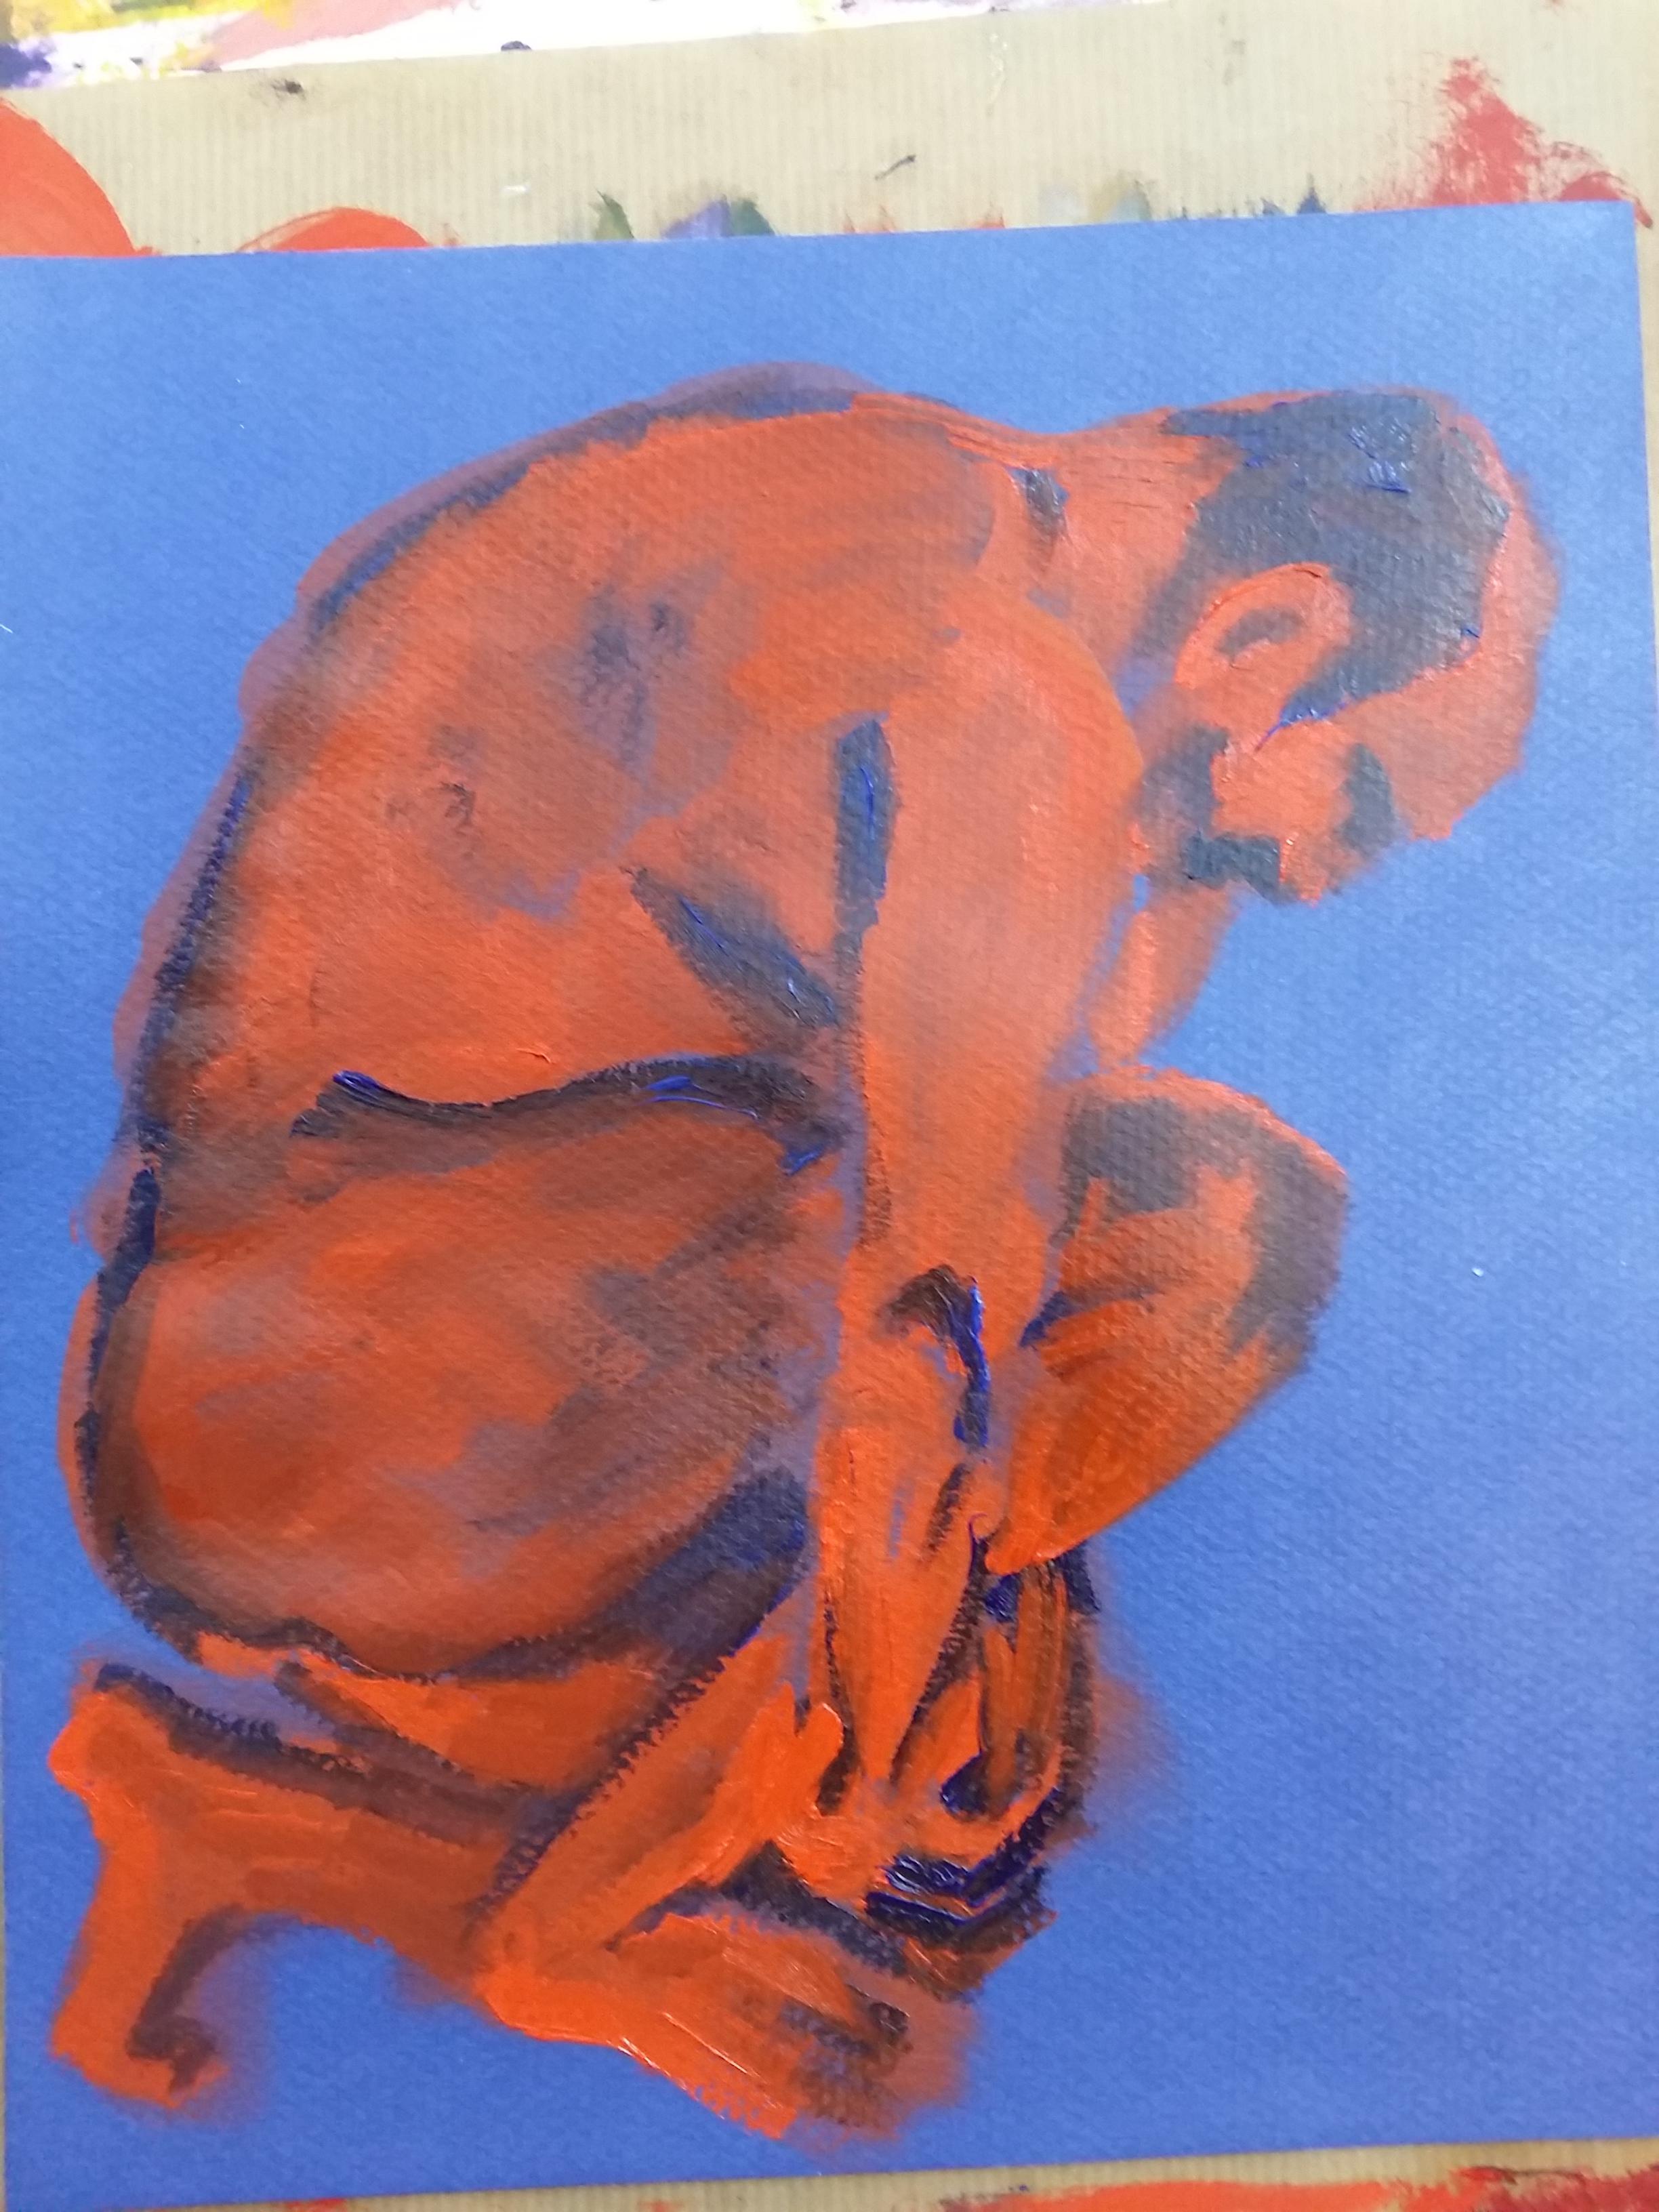 Peinture homme poses regroupées sur papier bleu corps orange et bleu  cours de dessin